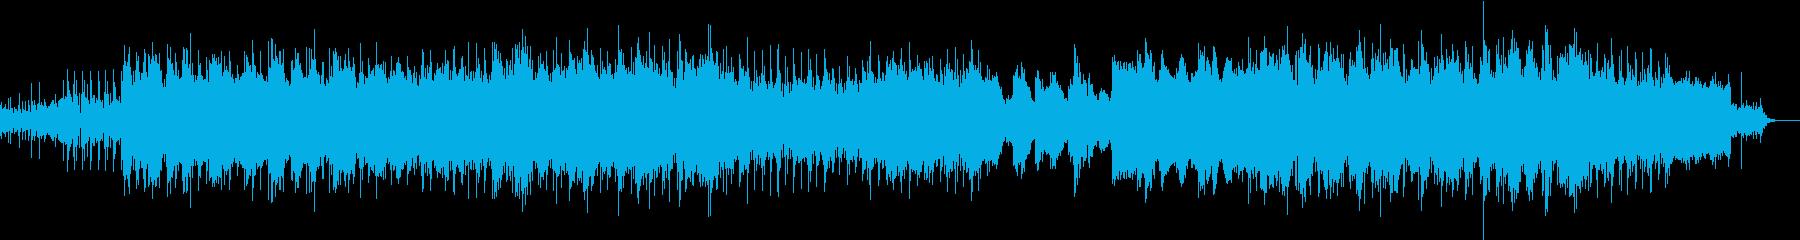 【切ないバラード系】テクノロックBGMの再生済みの波形